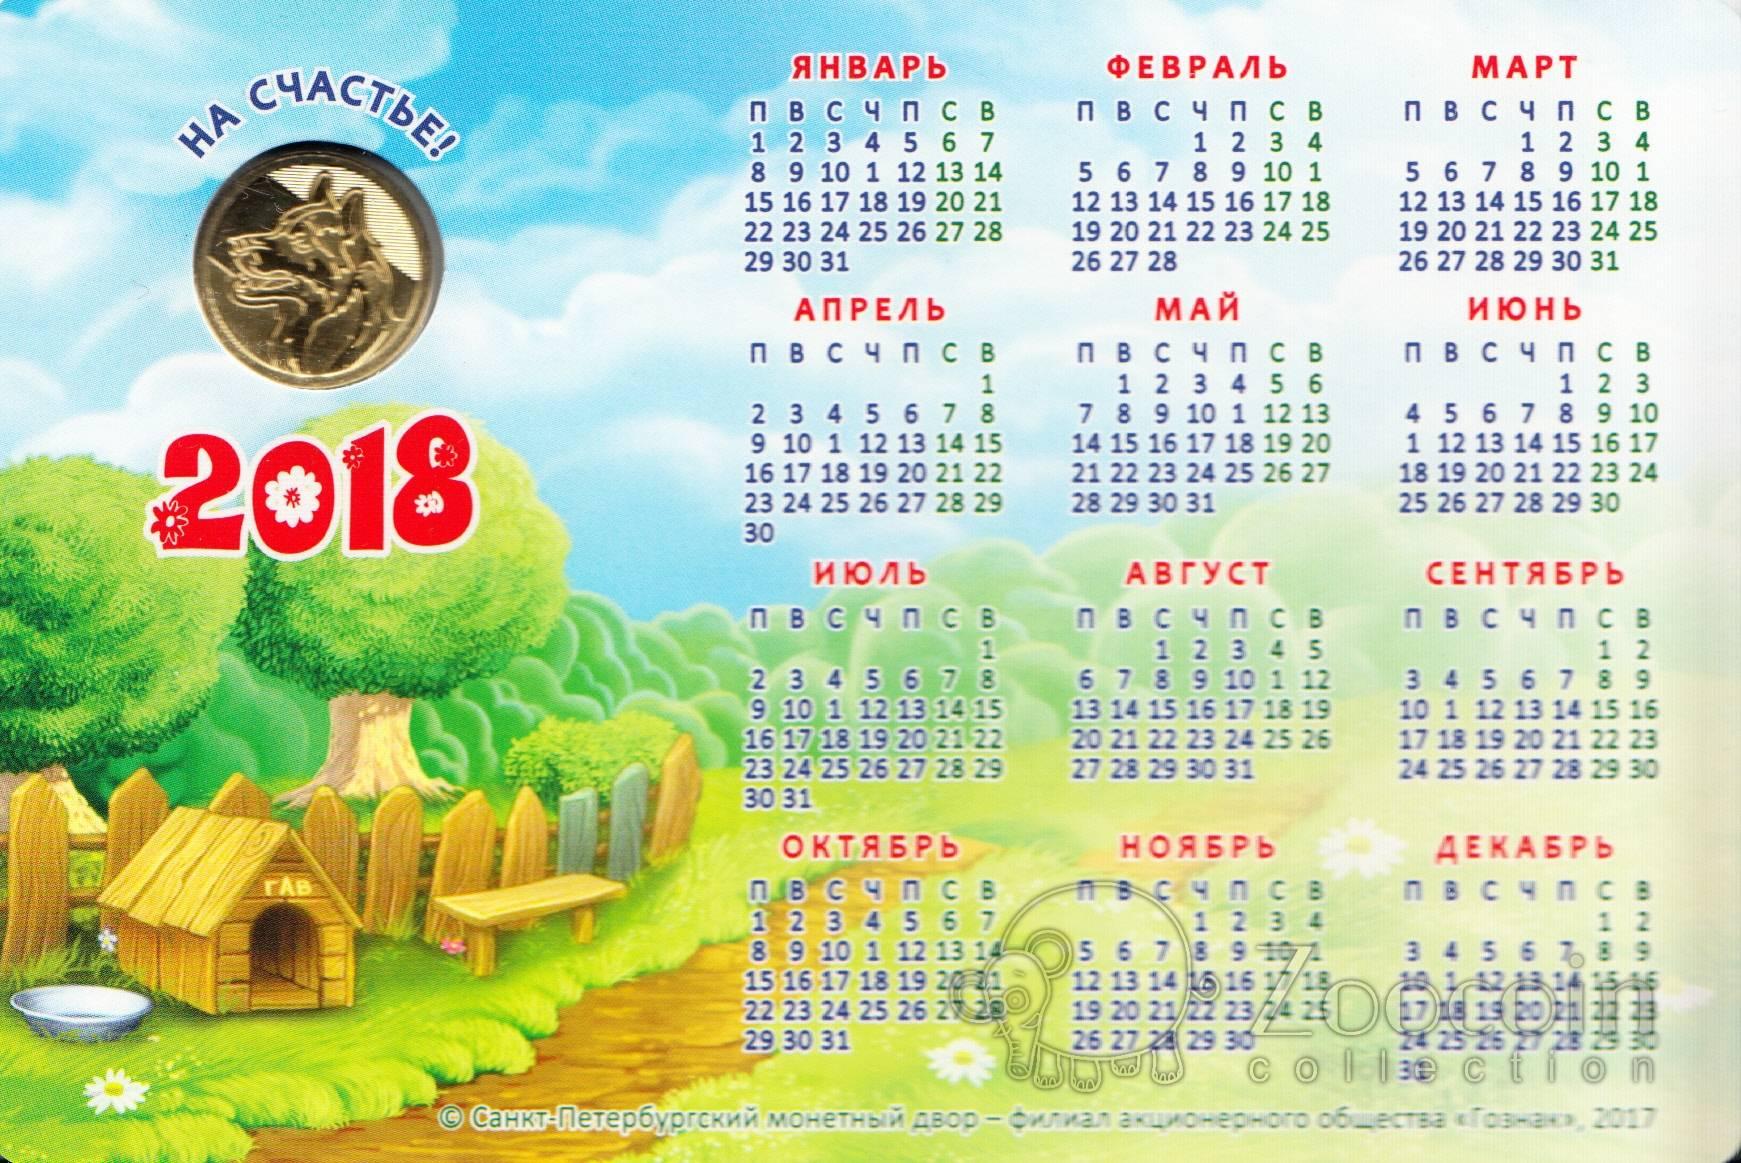 Календарь 2018 открытка 58